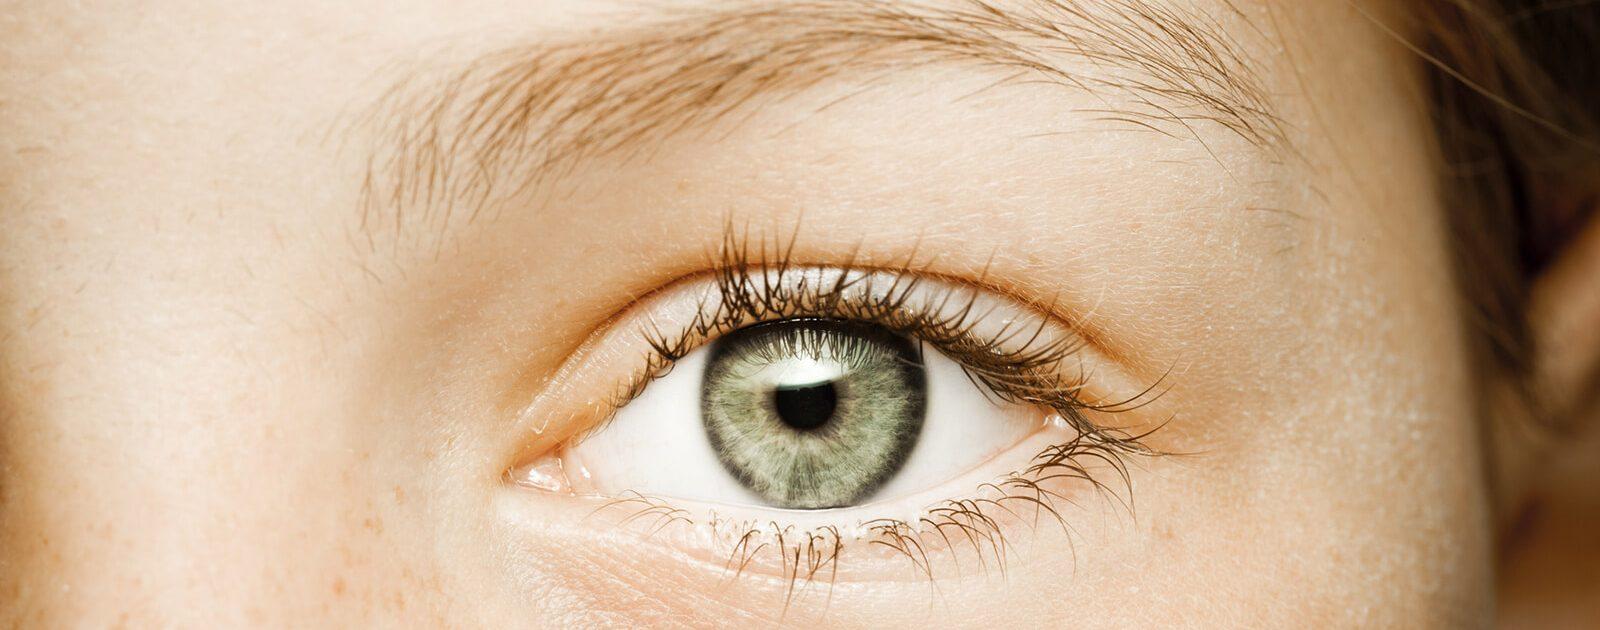 Iris und Pupille des menschlichen Auges